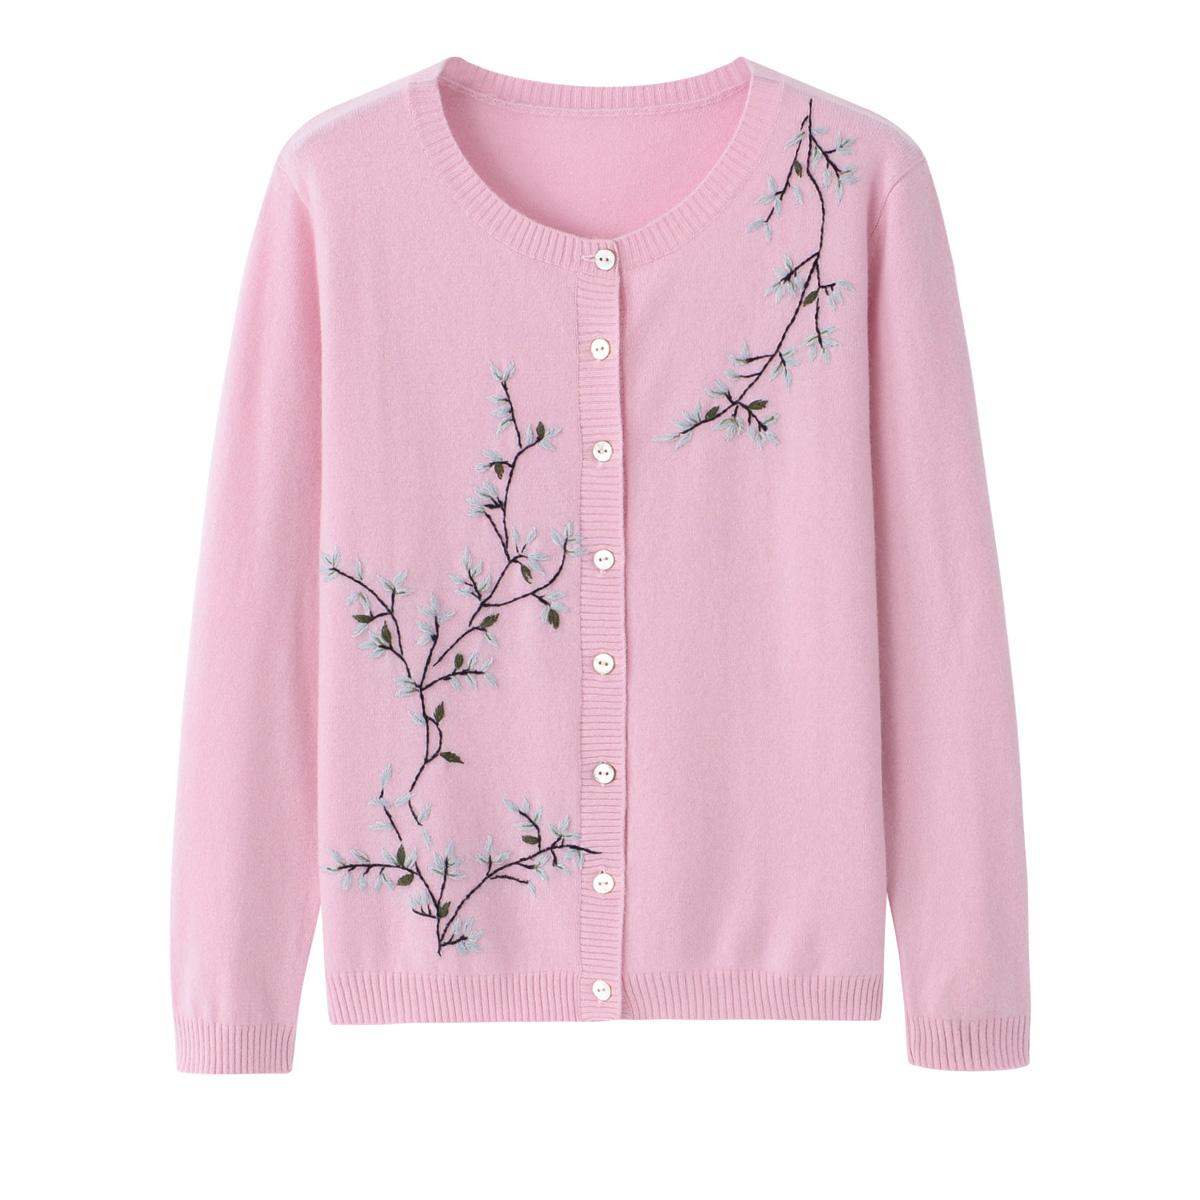 秋冬モデルの中老年純度のカシミヤのカーディガン女性のカーディガンの丸首の毛のニットの刺繍のピンクのセーターの上着